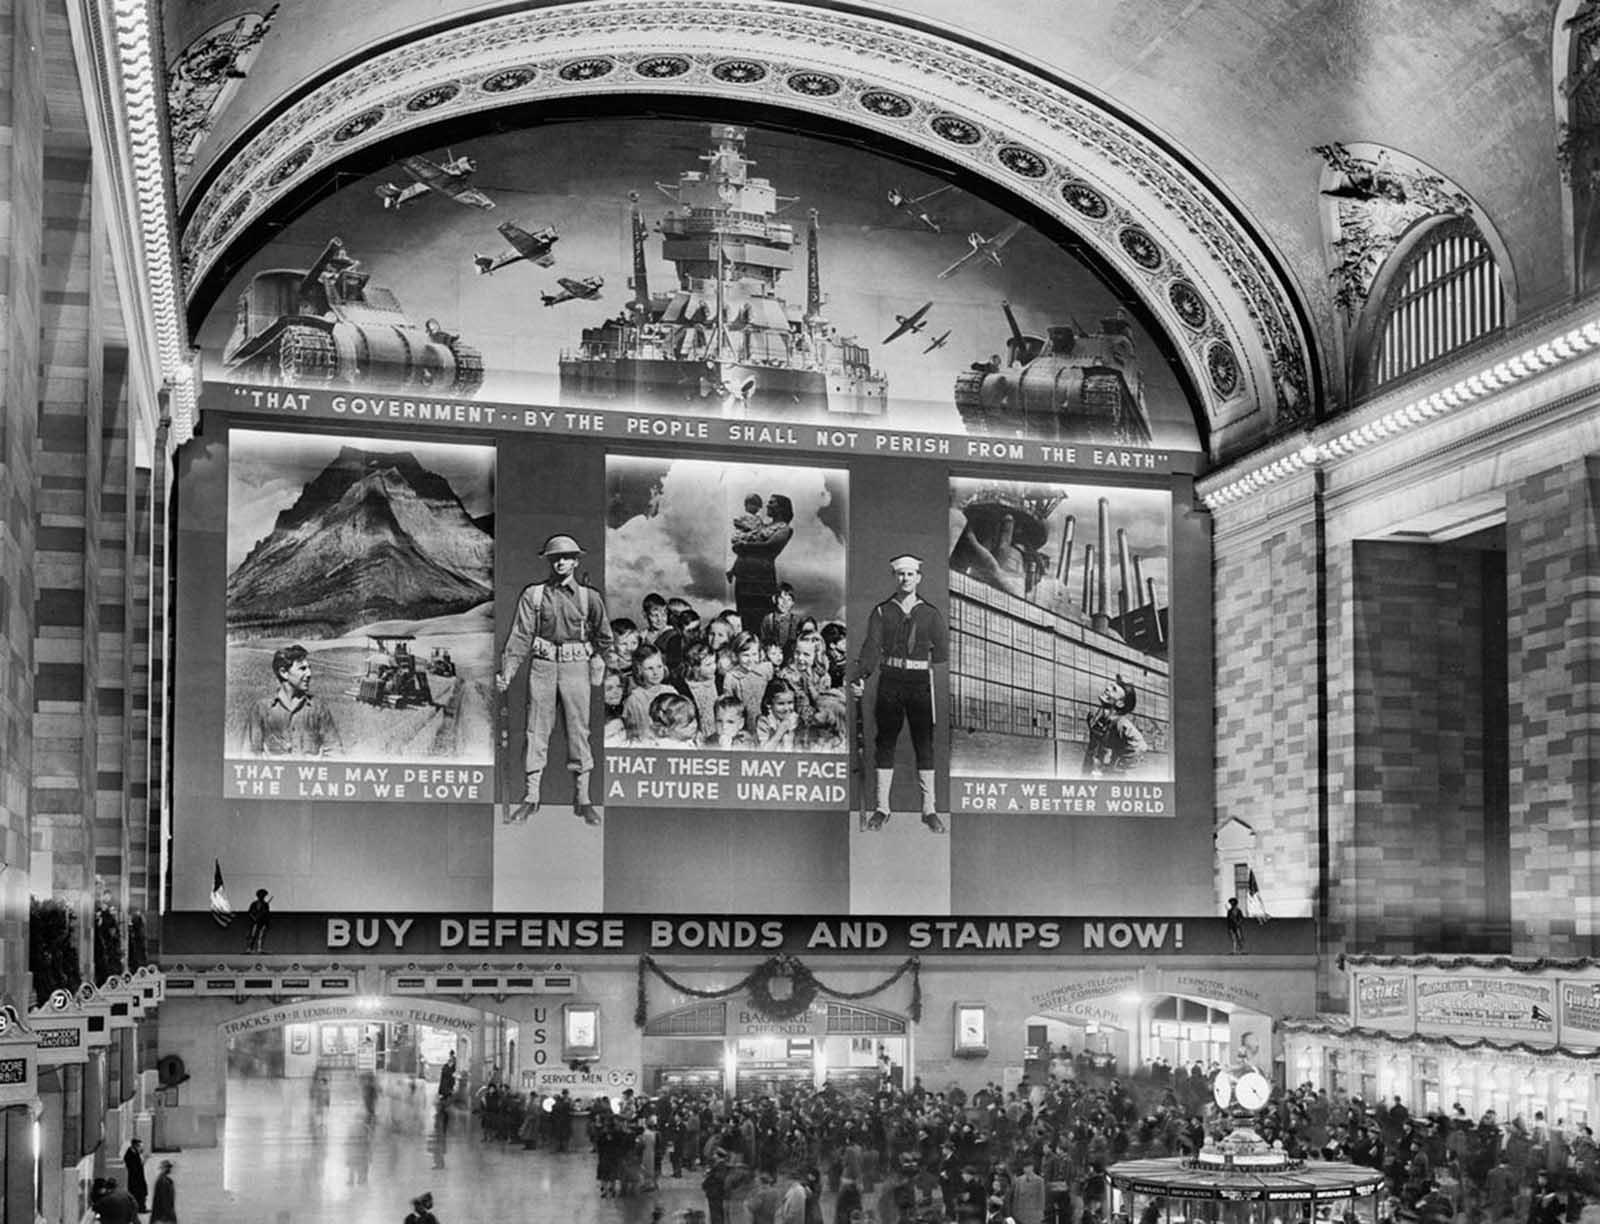 Un fotomural masivo para promover la venta de bonos de defensa, diseñado por la Administración de Seguridad Agrícola, en el vestíbulo de Grand Central Terminal, en 1941.